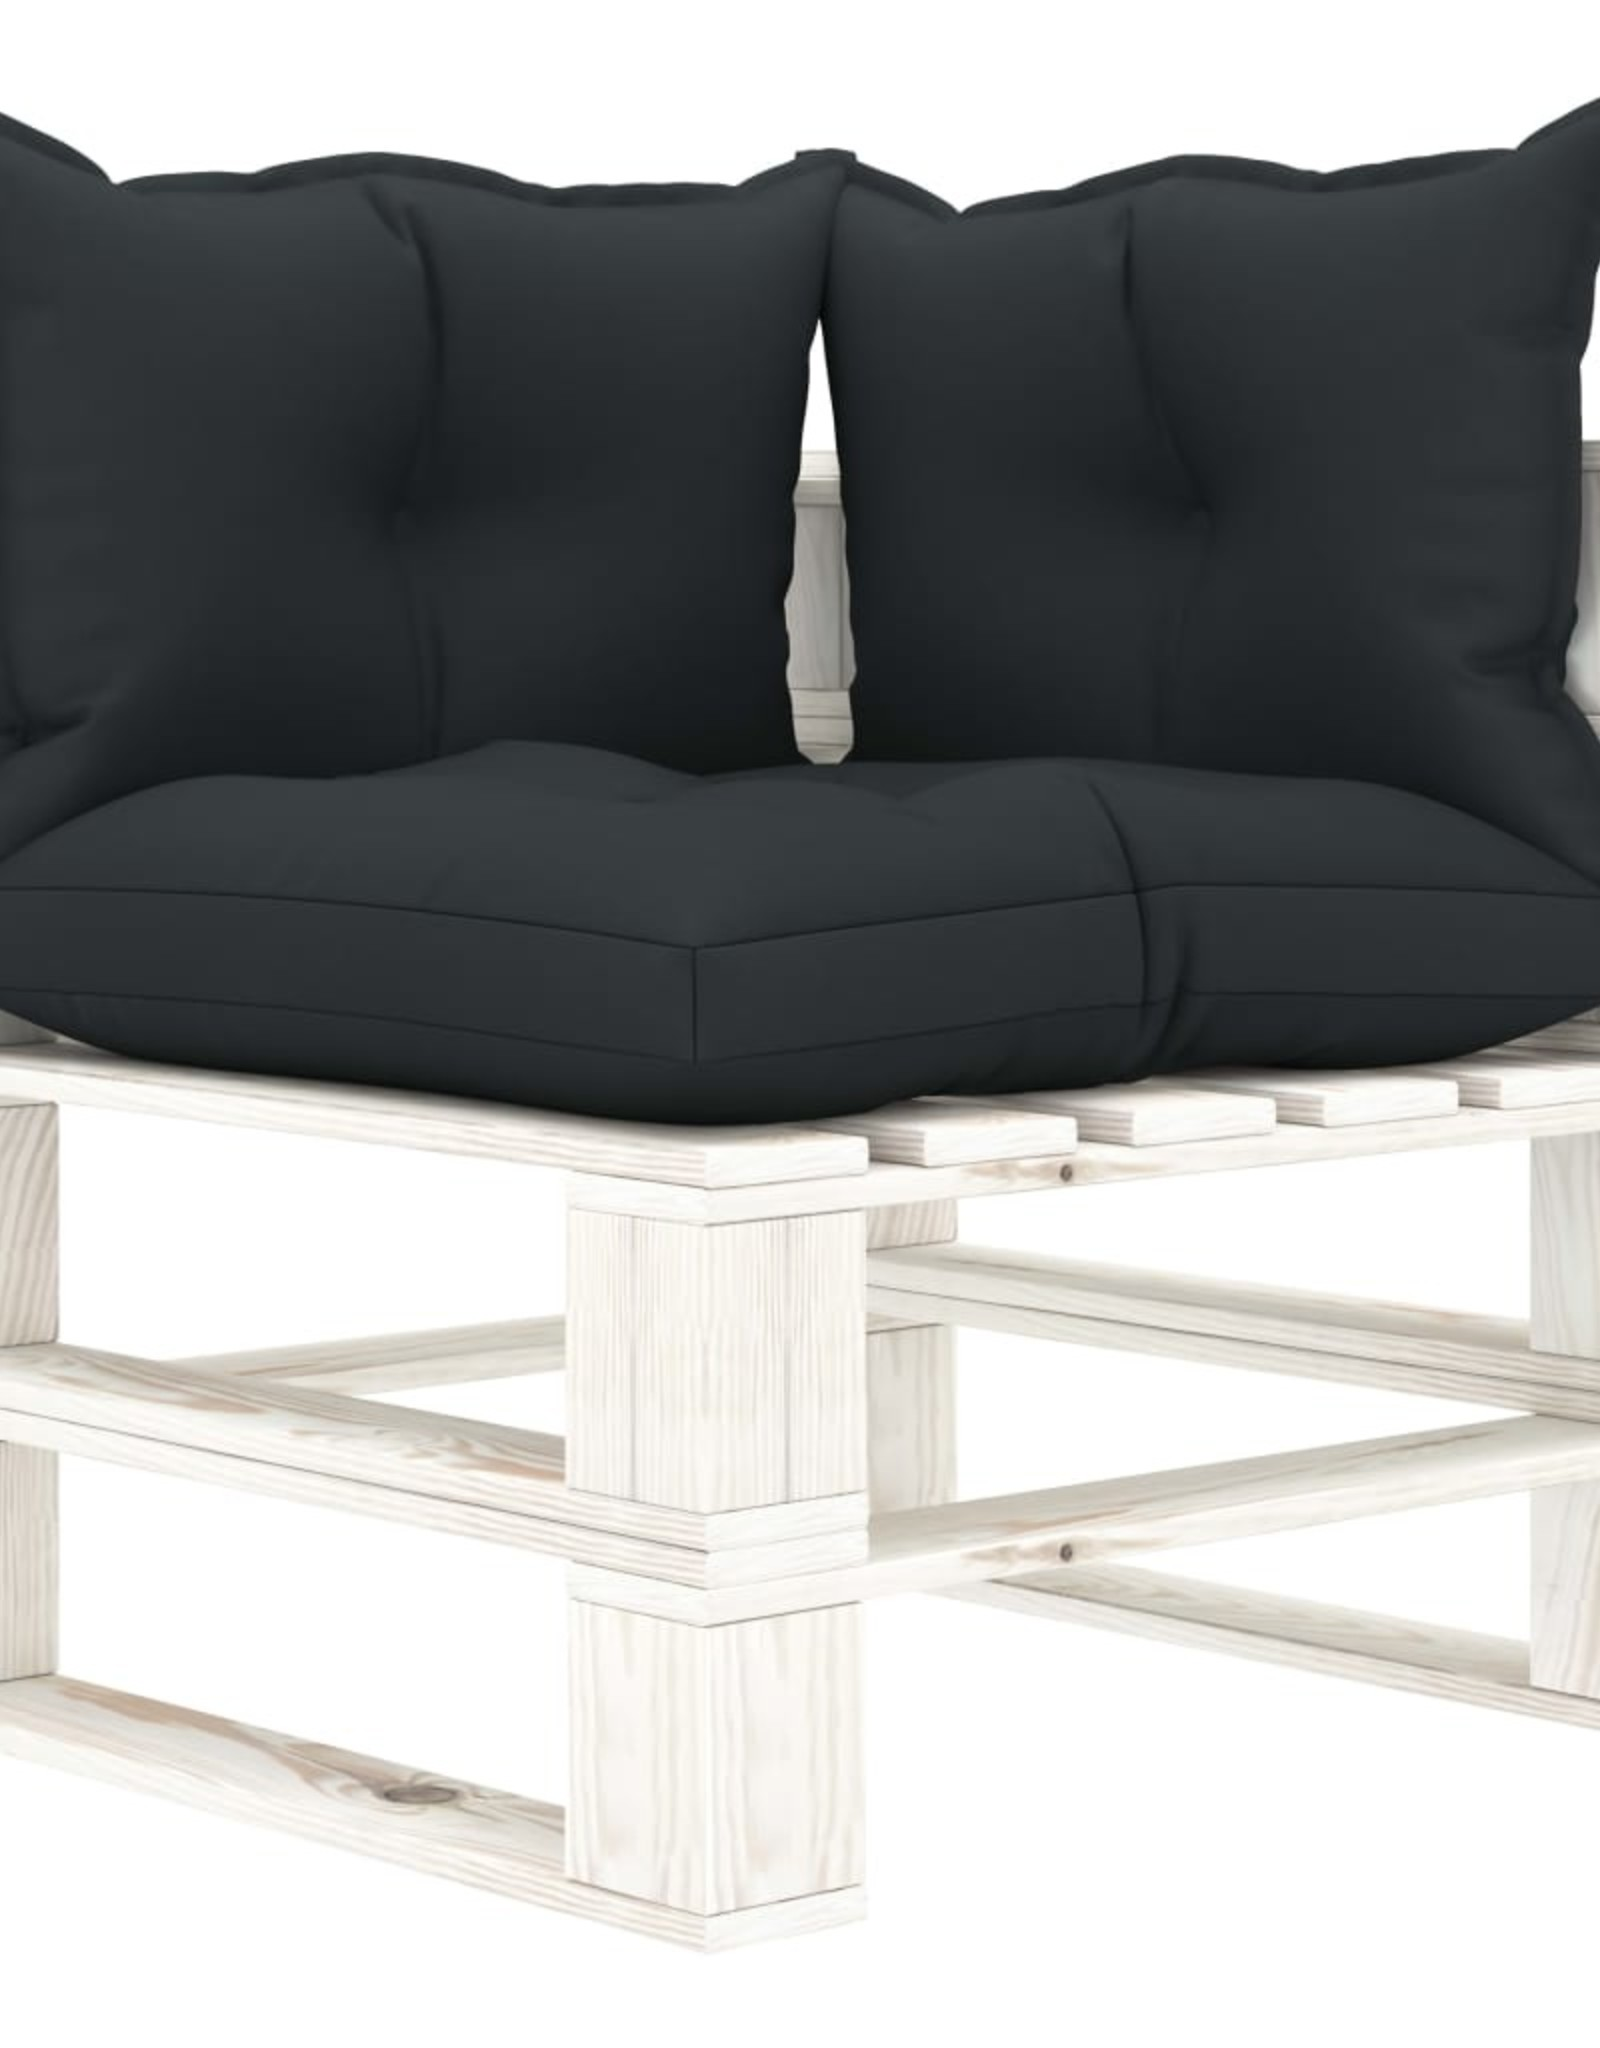 5-delige Loungeset met antracietkleurige kussens pallet hout